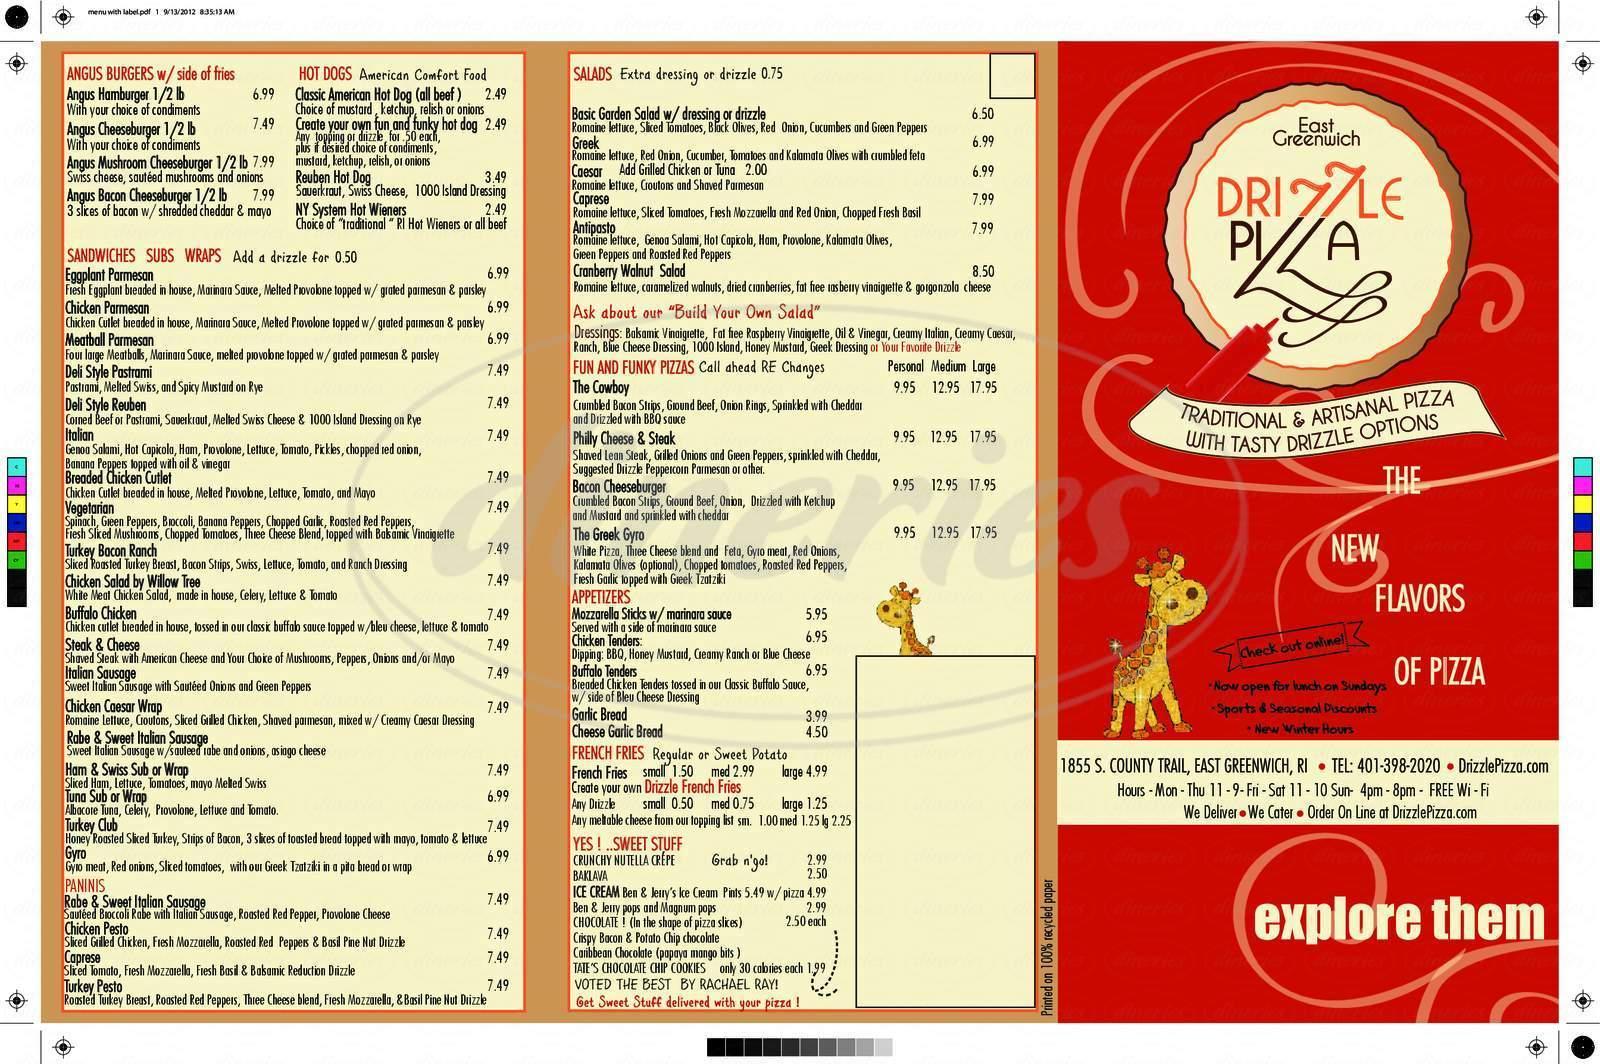 menu for Drizzle Pizza